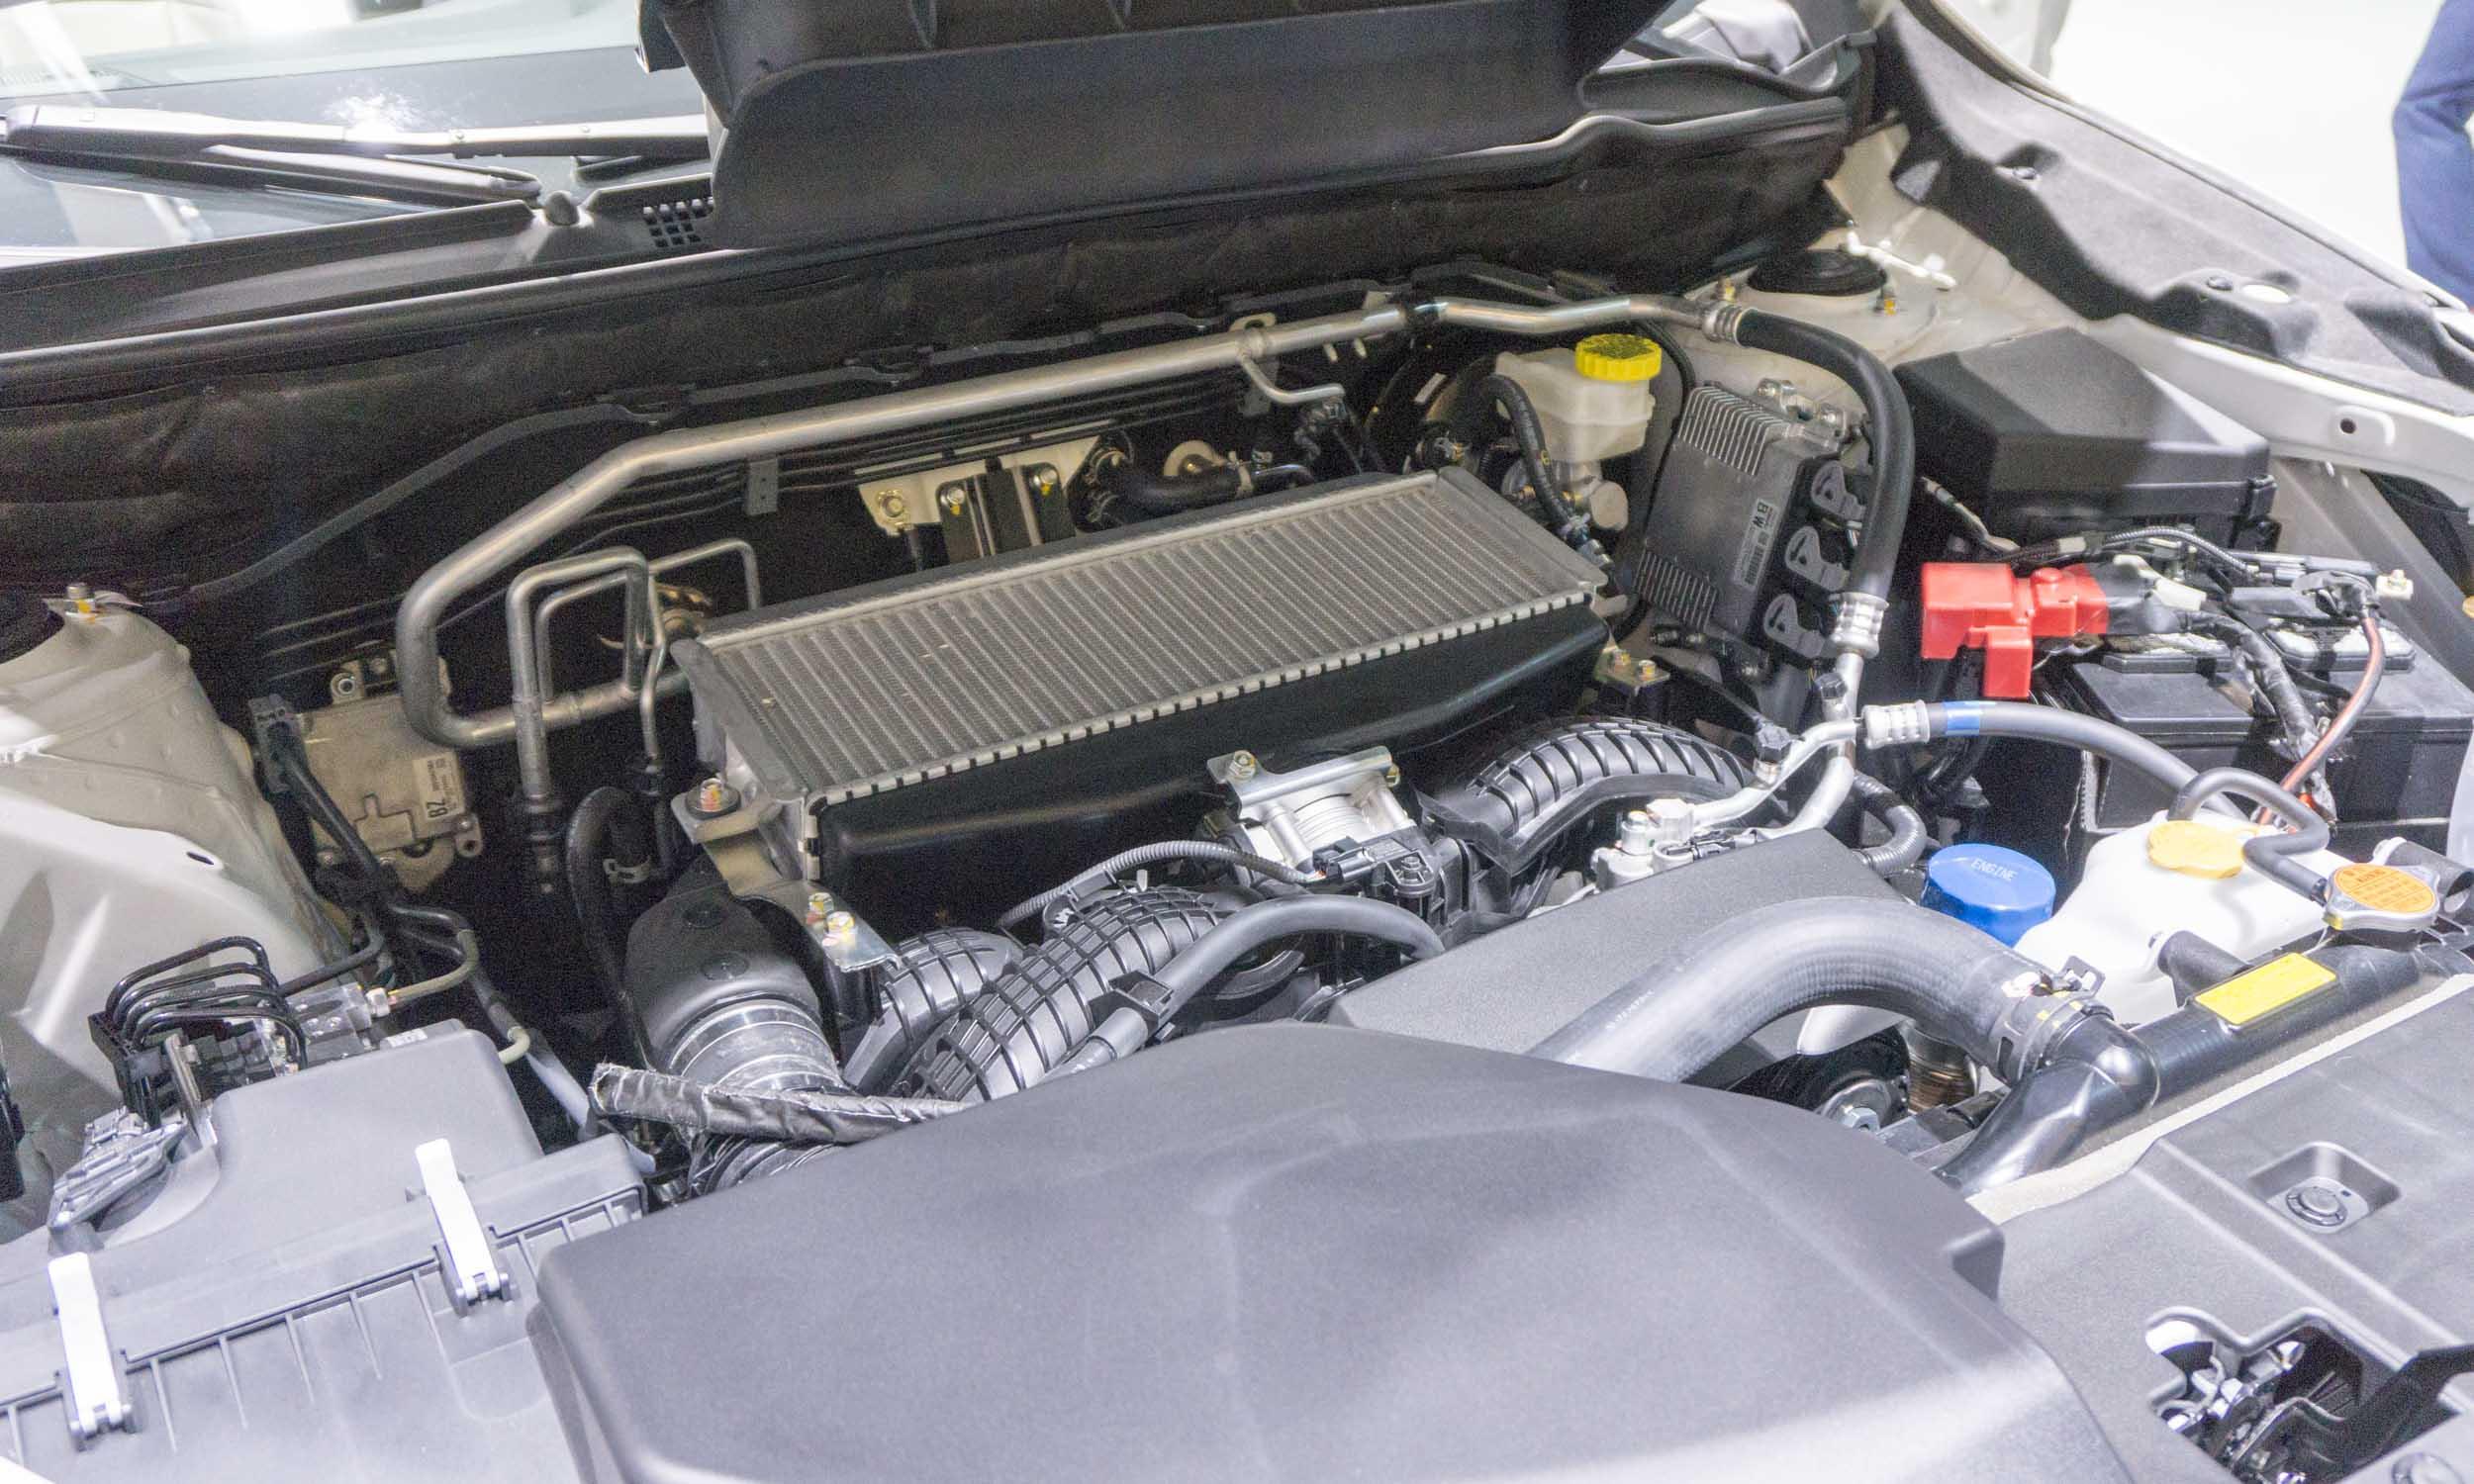 Autocontentexp Comsubaru Ascent A Ede C C D Bc Bf Ed Bb Cf E F Ca on Subaru Boxer Engine Ratings